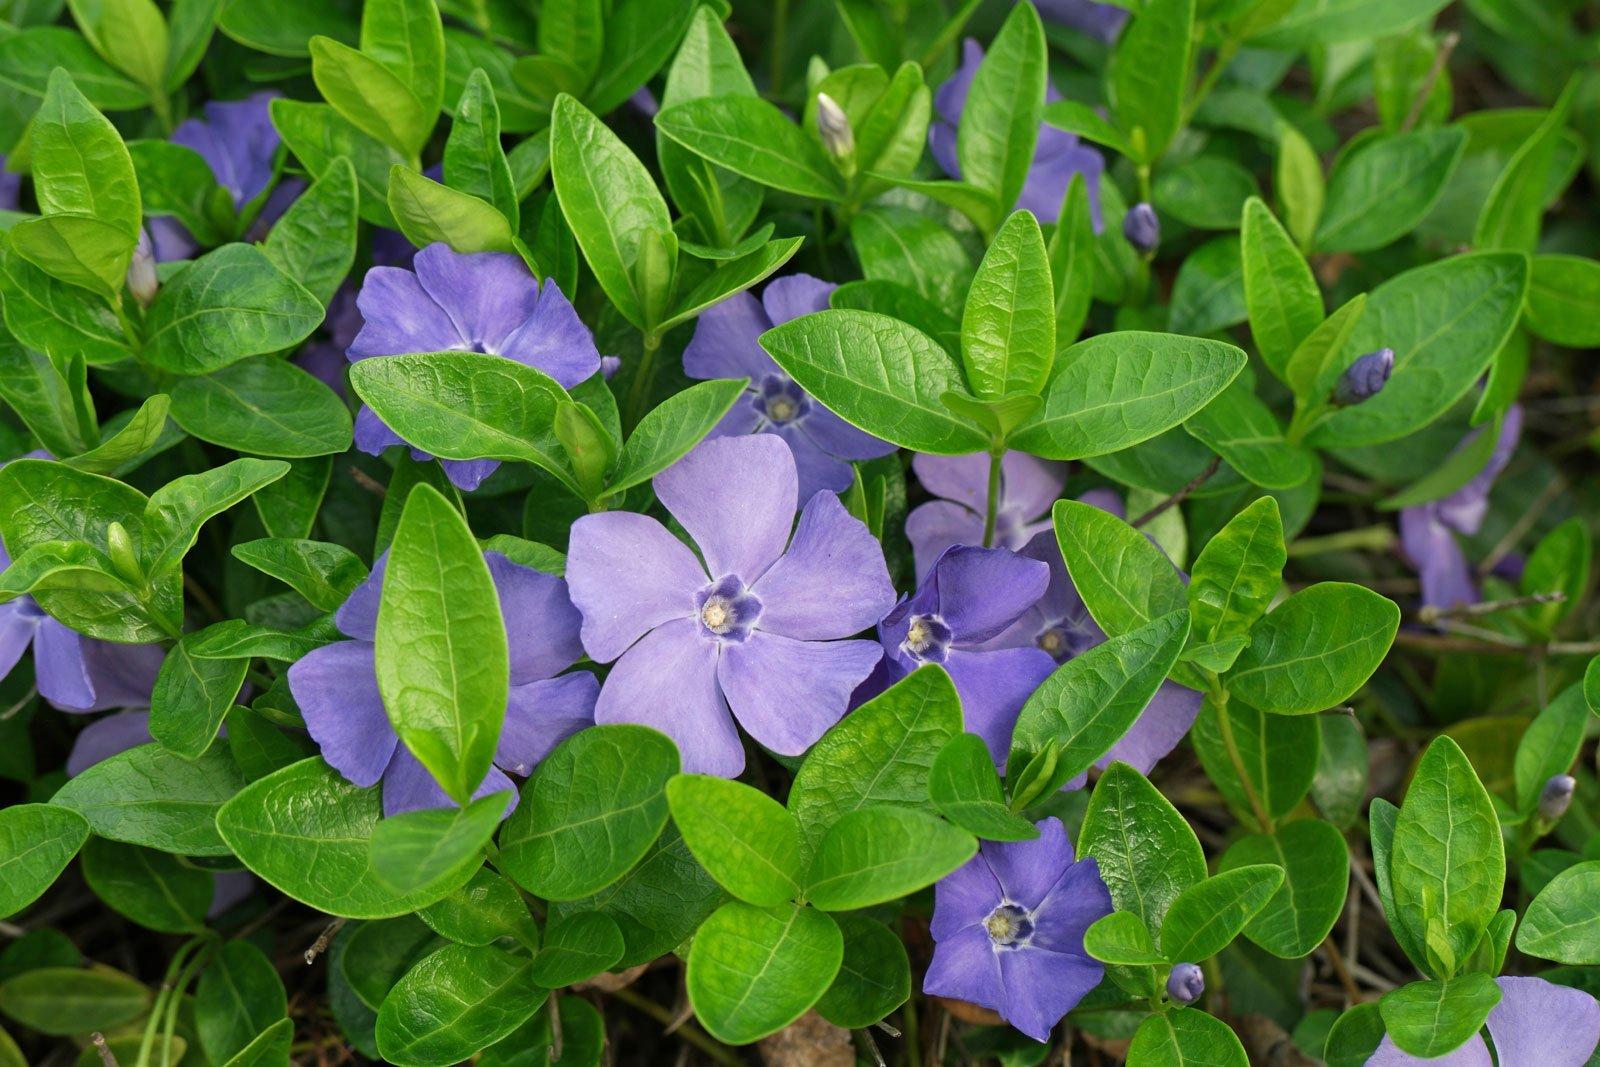 ресниц барвинок фото цветы облицовки